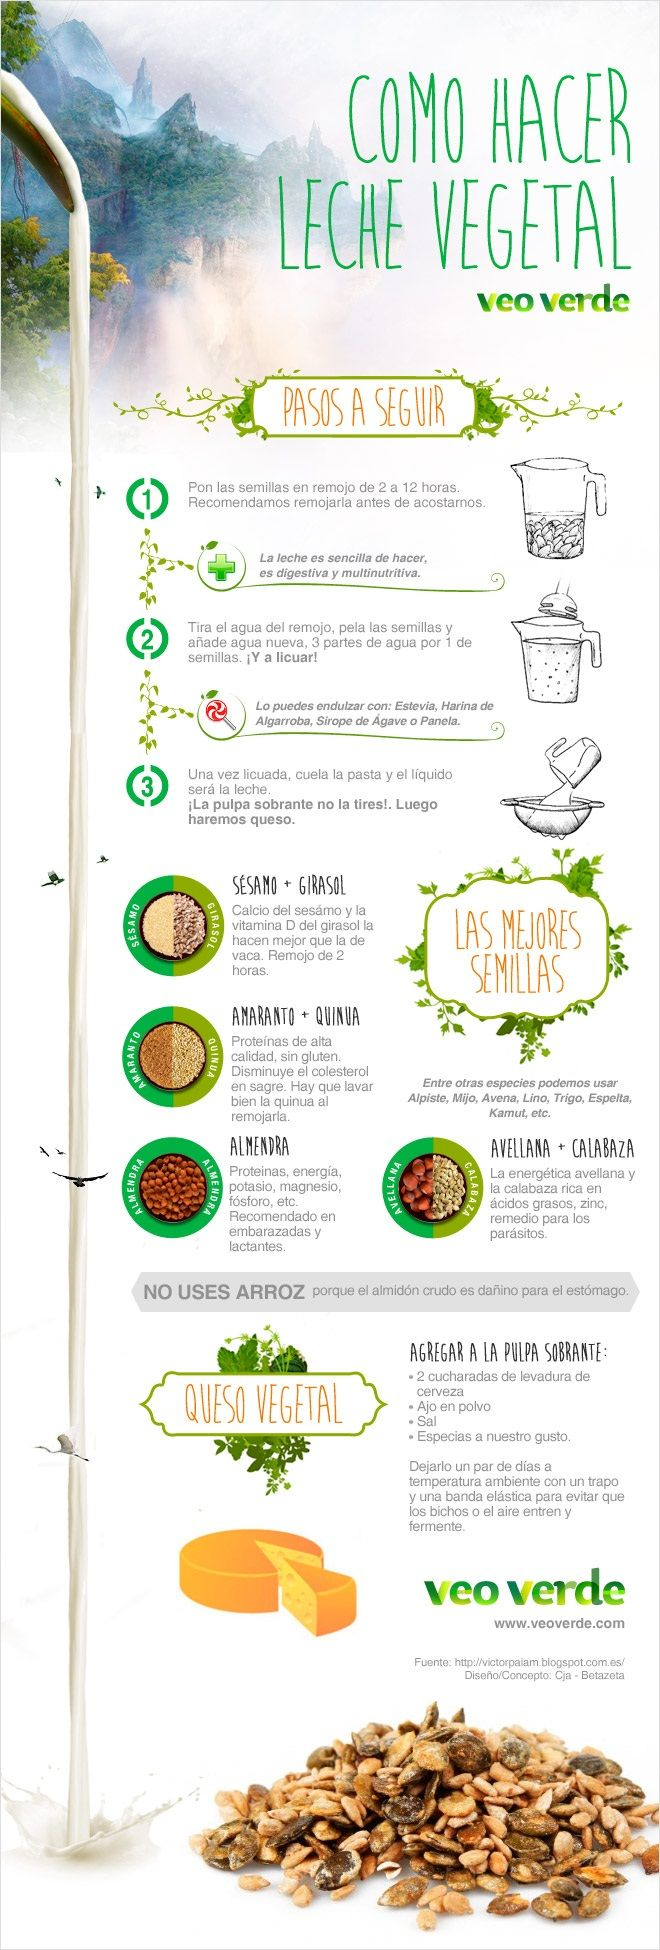 Infografia-¿Cómo hacer leche vegetal? @veoverde